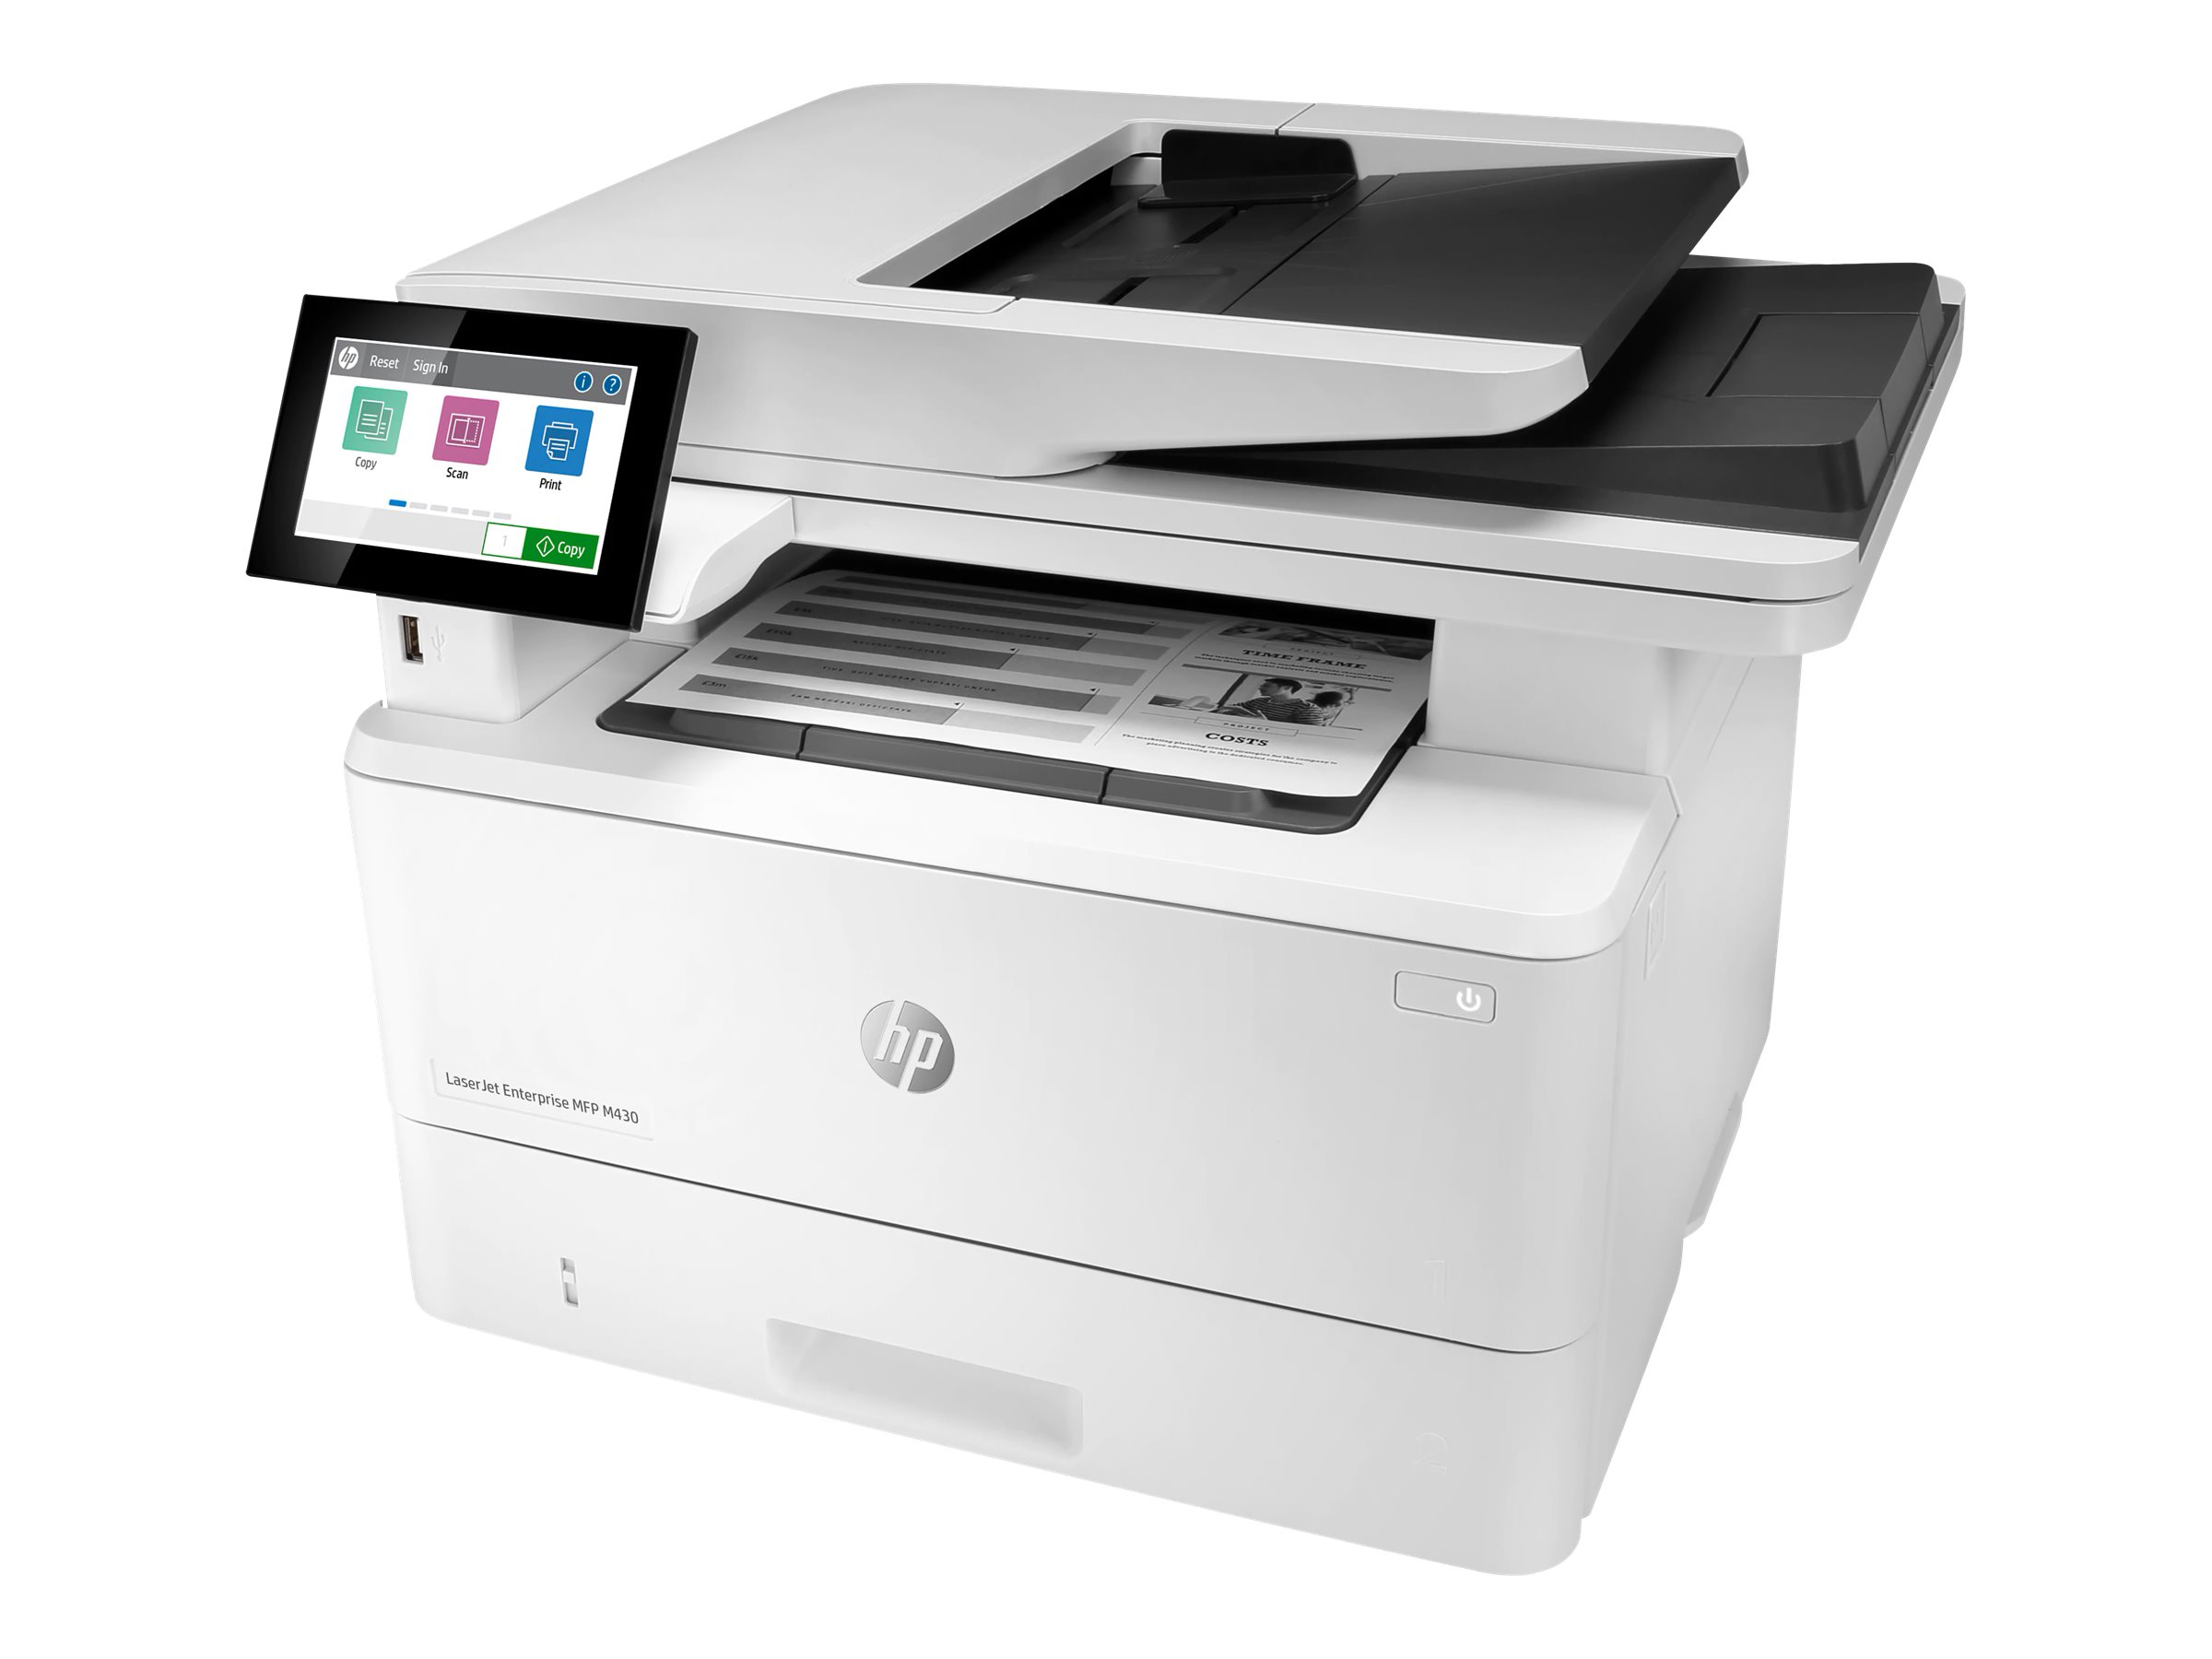 HP LaserJet Enterprise MFP M430f - Multifunktionsdrucker - s/w - Laser - 216 x 297 mm (Original)